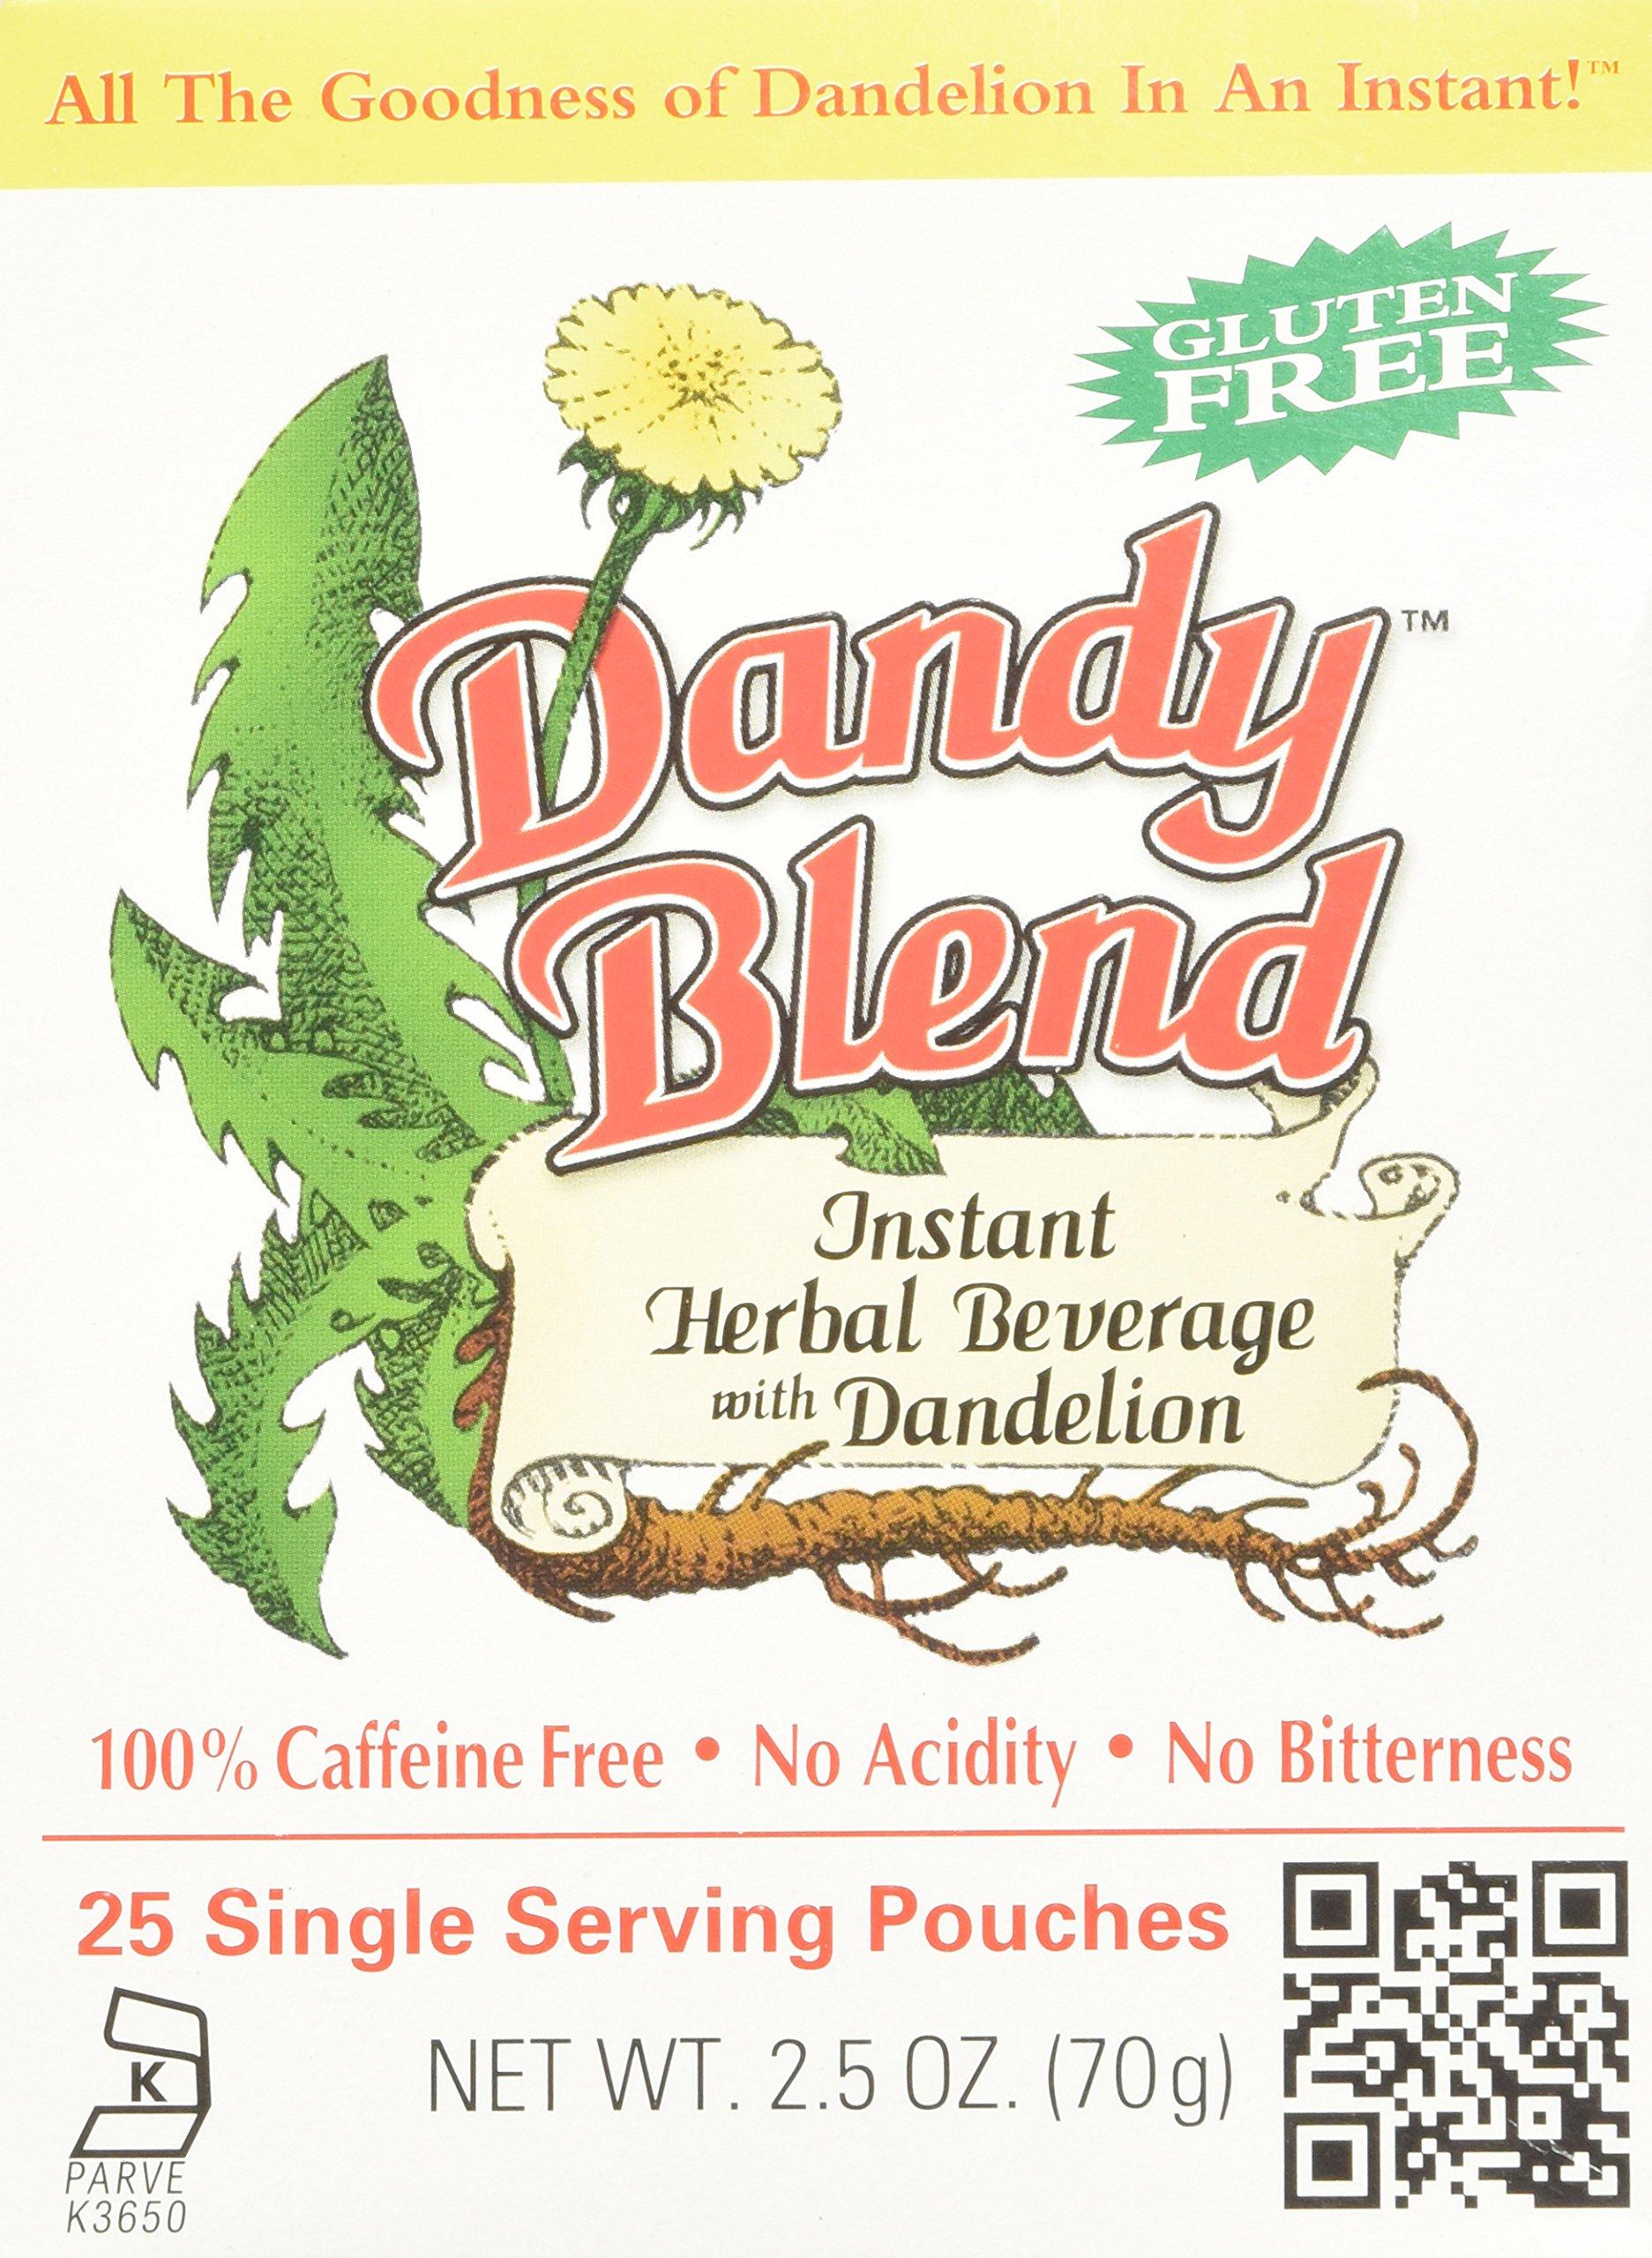 Dandy Blend, Instant Dandelion Beverage, 25 Single Serving Pouches, 2.5 oz